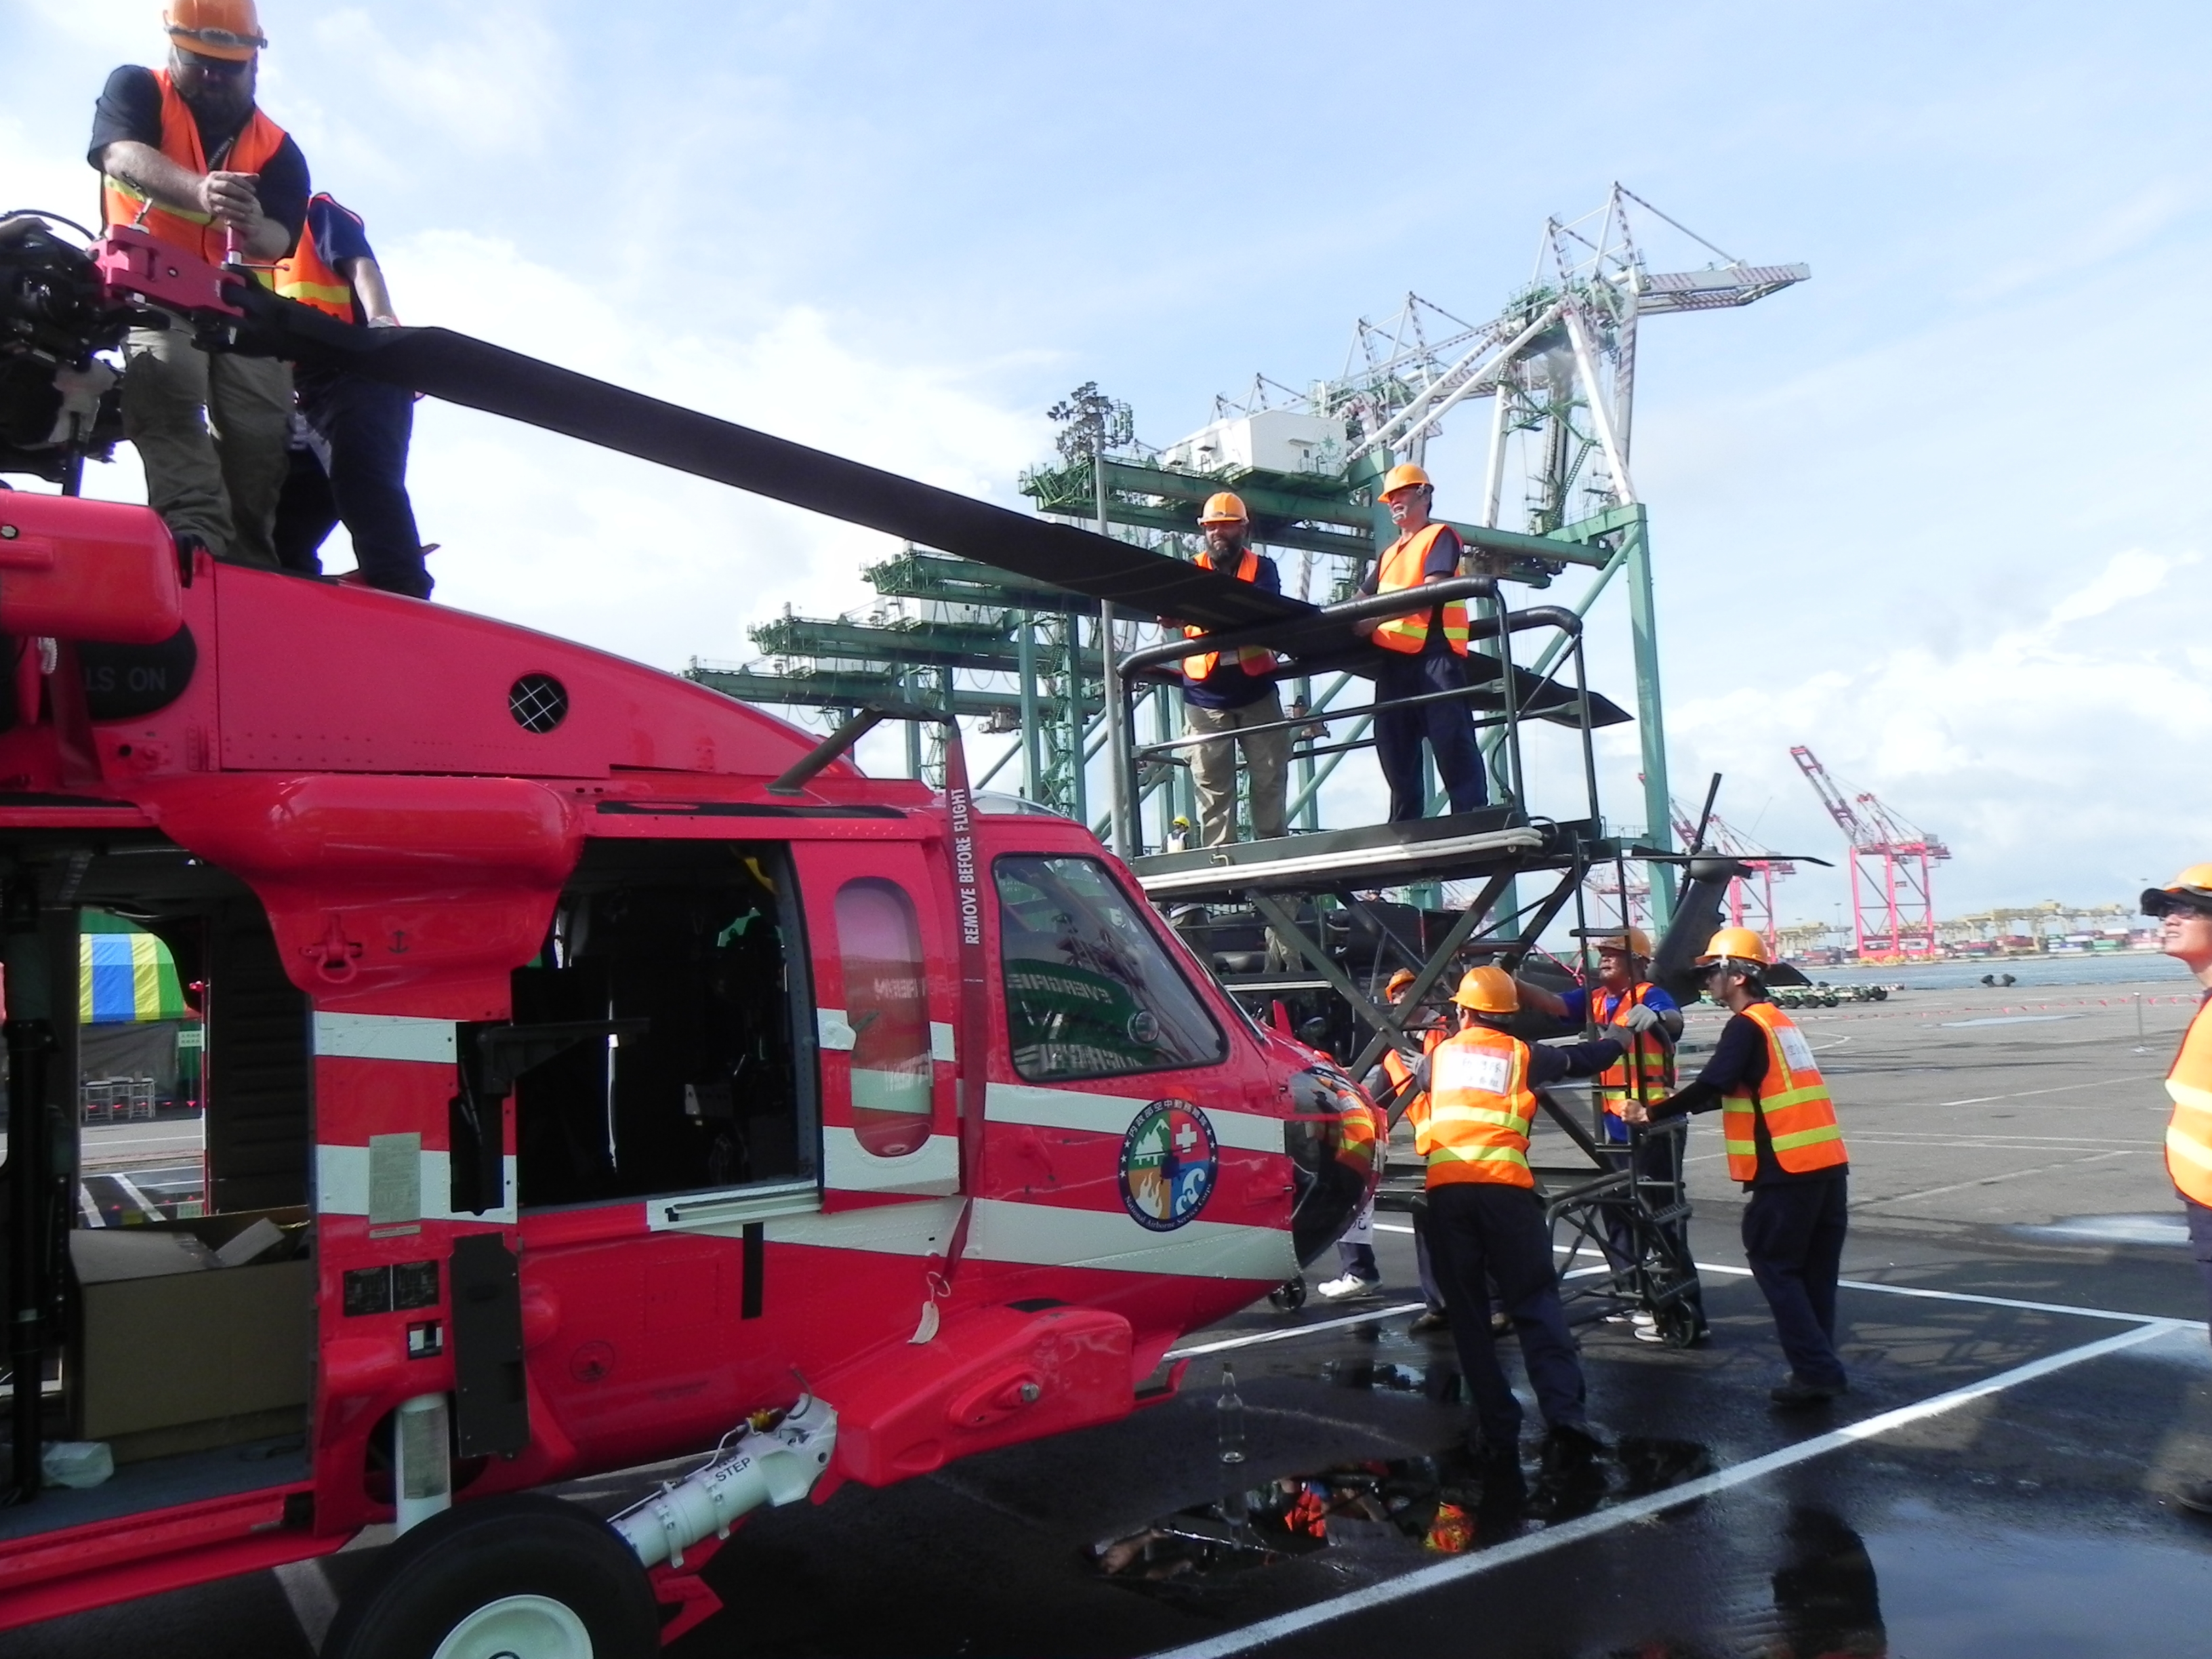 空勤總隊第二批2架UH-60M黑鷹直升機抵高雄港79號碼頭.jpg